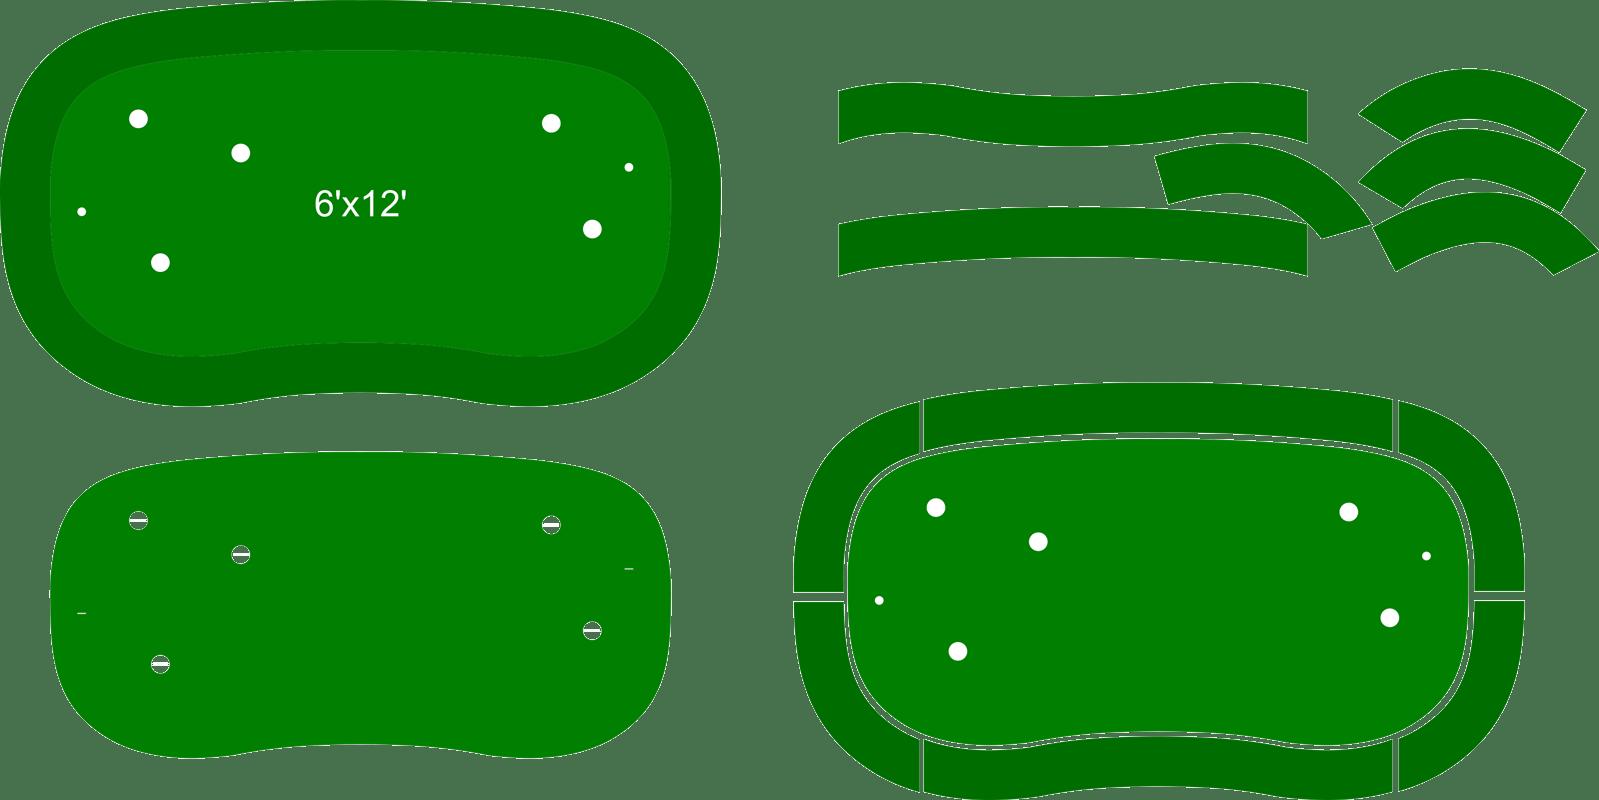 Golfing putting green